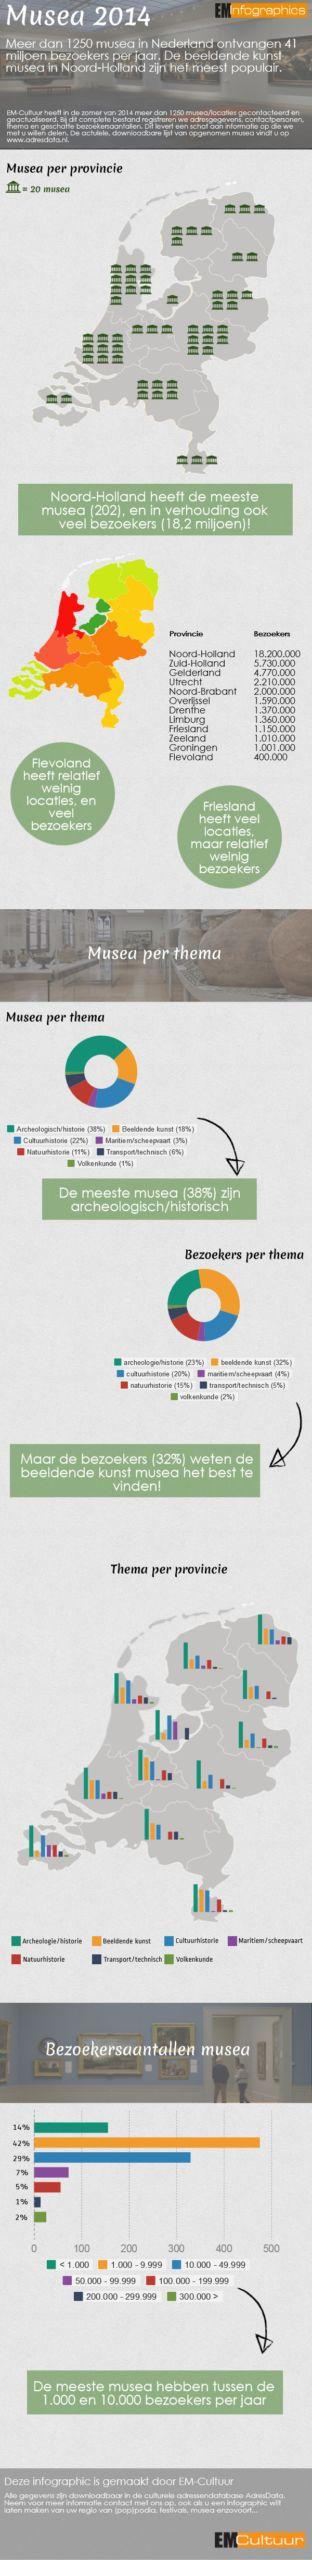 EM-Cultuur Infographic Musea 2014